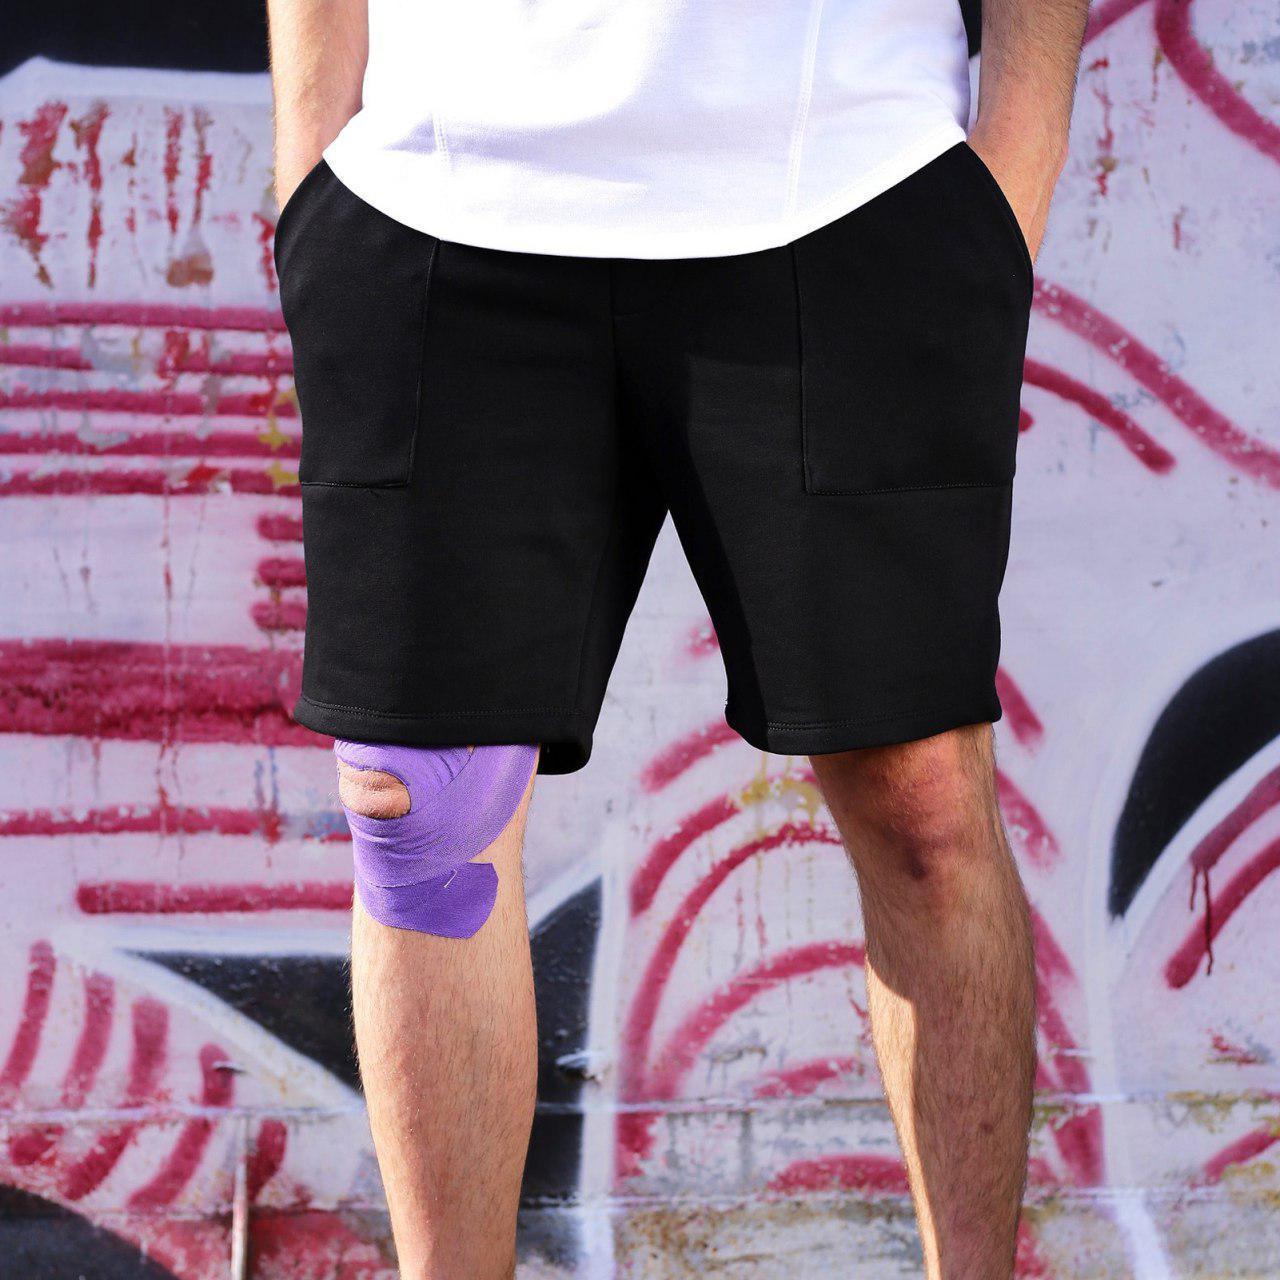 Мужские трикотажные черные шорты Дюк Нюкем (Duke Nukem) от бренда ТУР размер S, M, L, XL